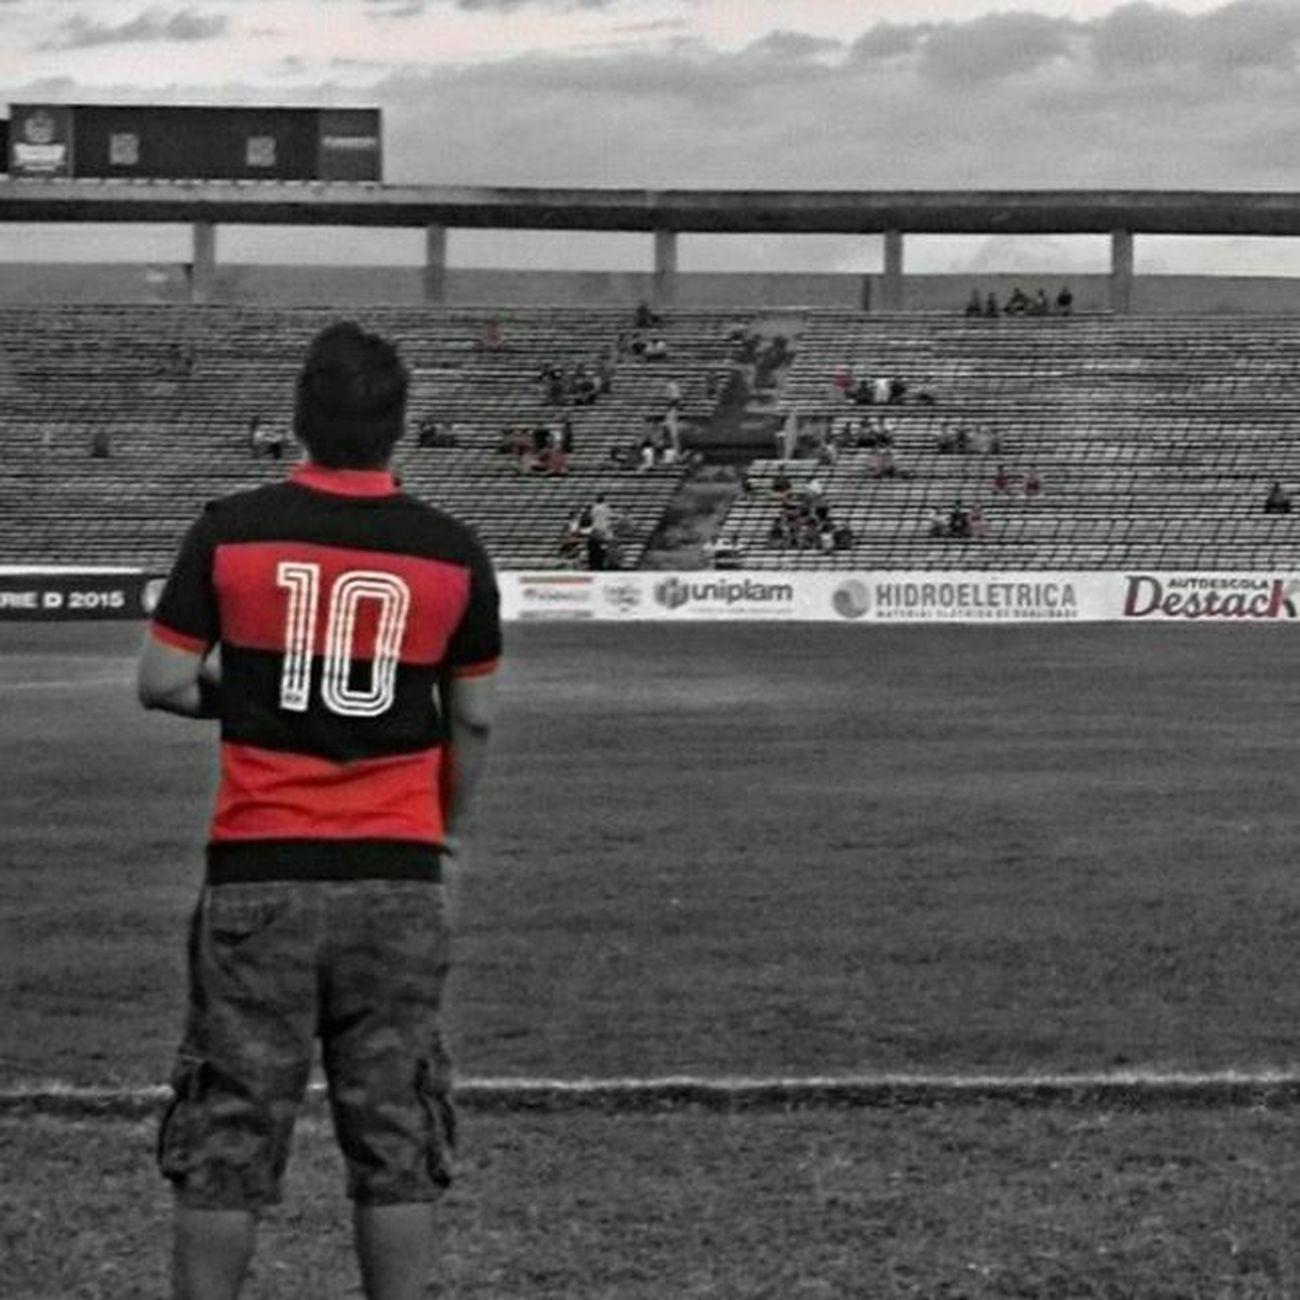 Flamengo não é só um Clube de Futebol , Flamengo é Amor , é inspiração é paixão, é raça ,é sofrimento e alegria ... Flamengoatemorrer Flamengo Vamosflamengo Mengao Acimadetudorubronegro Amormaiornãotemigual Mengo Minhamaiorpaixao Maiordomundo MantoSagrado